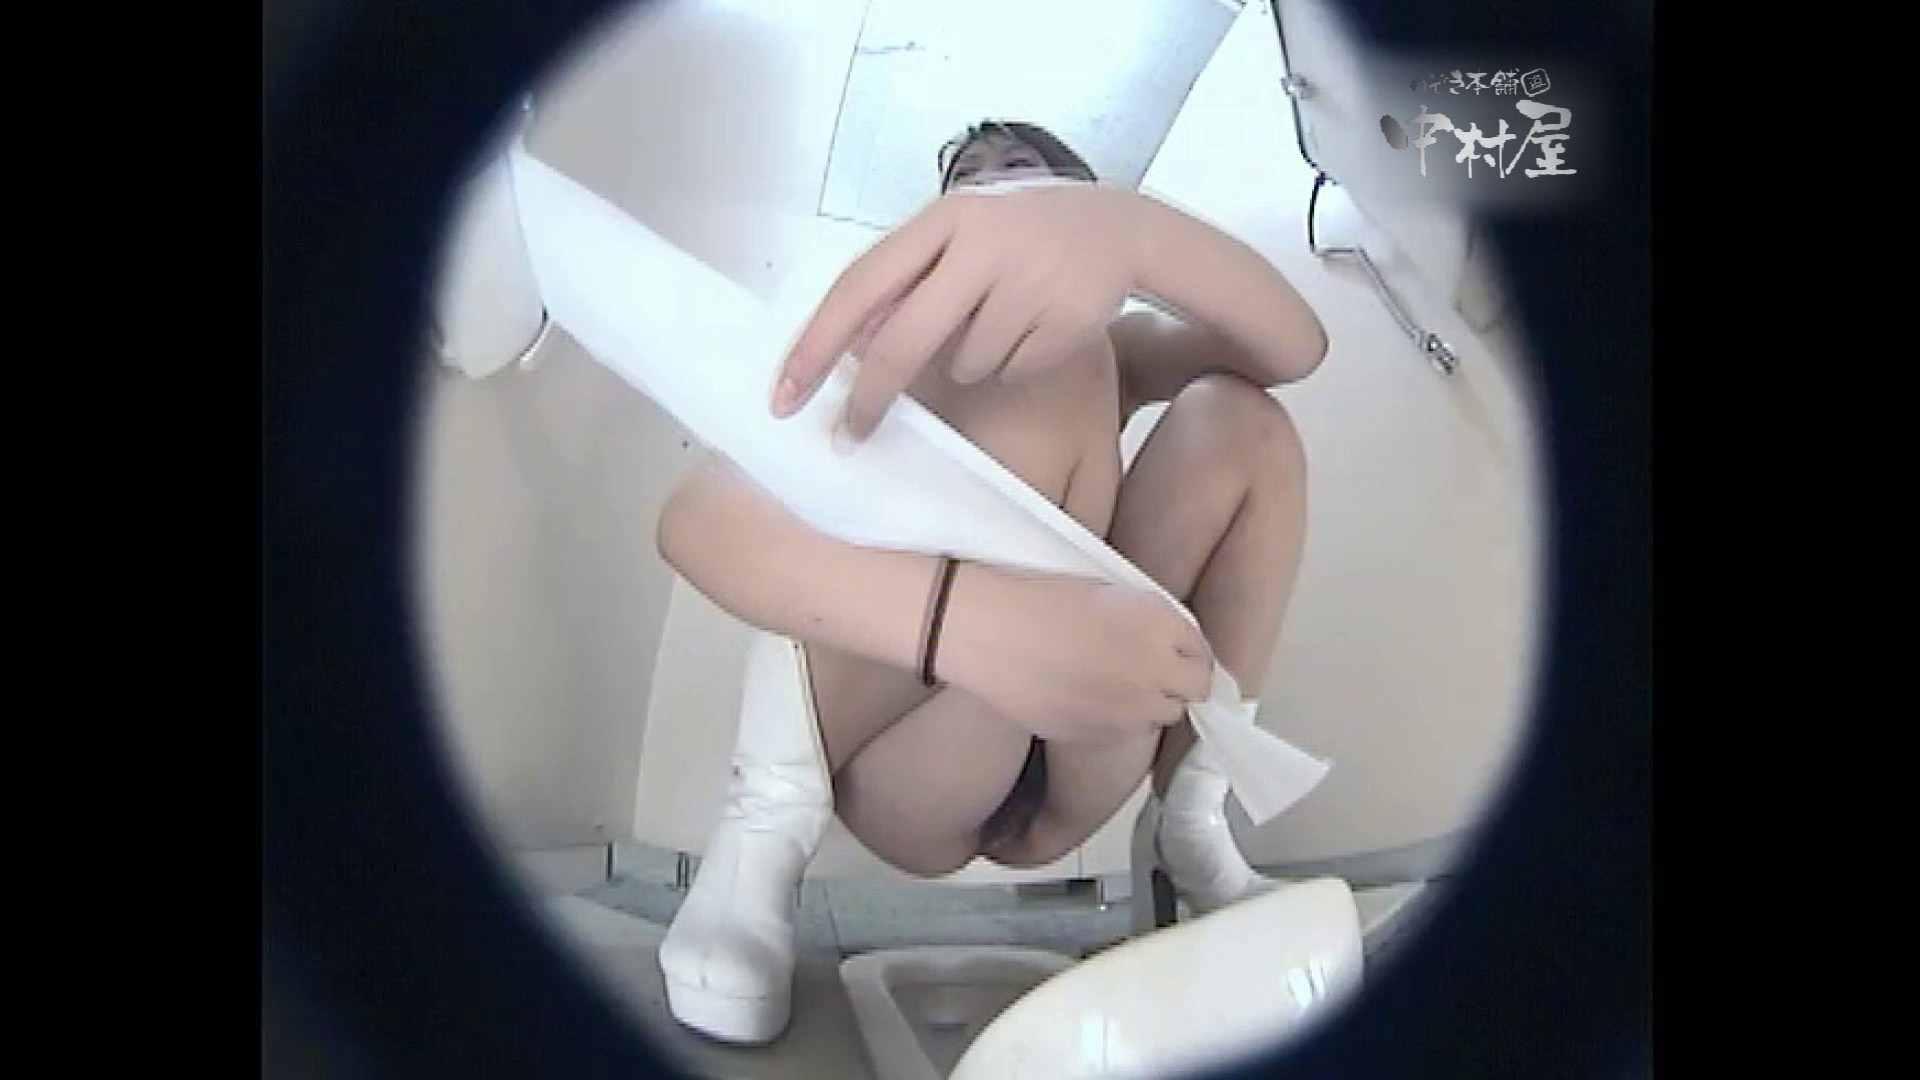 レースクィーントイレ盗撮!Vol.11 レースクィーン 隠し撮りオマンコ動画紹介 96pic 43